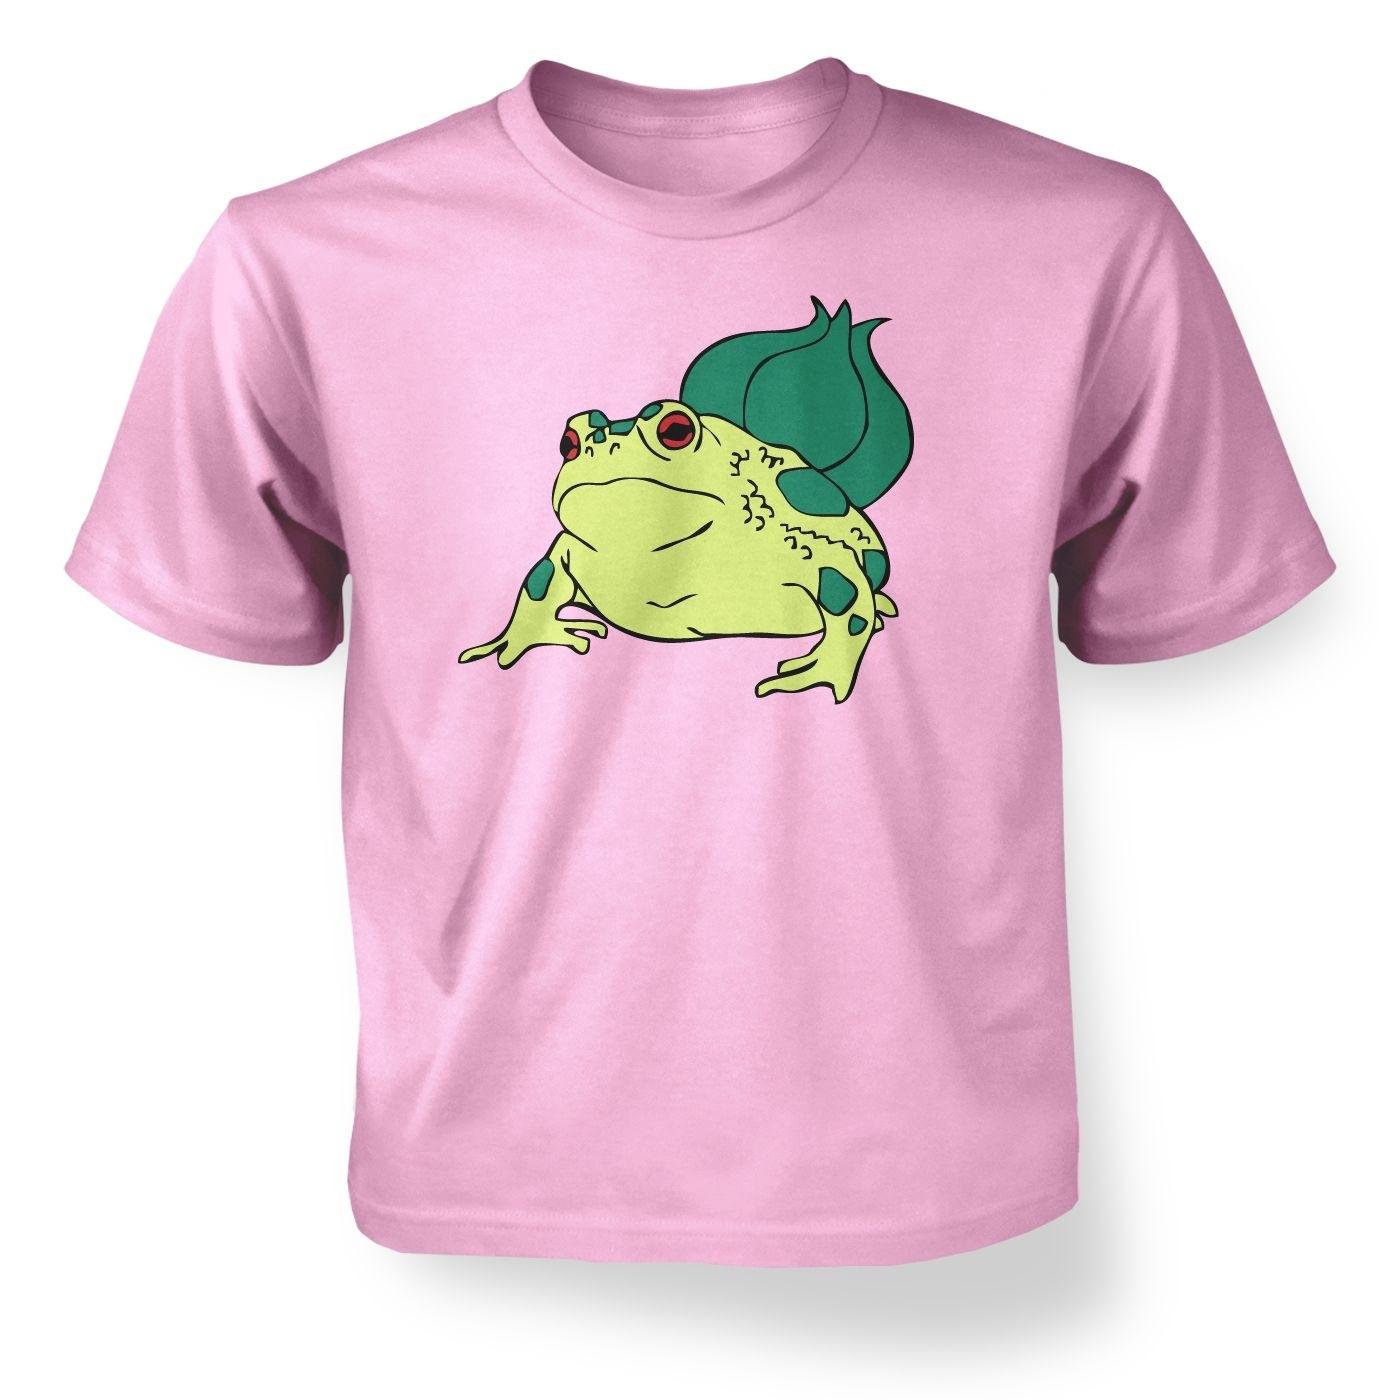 Kids' Real Life Bulbasaur T-Shirt - Inspired by Pokemon